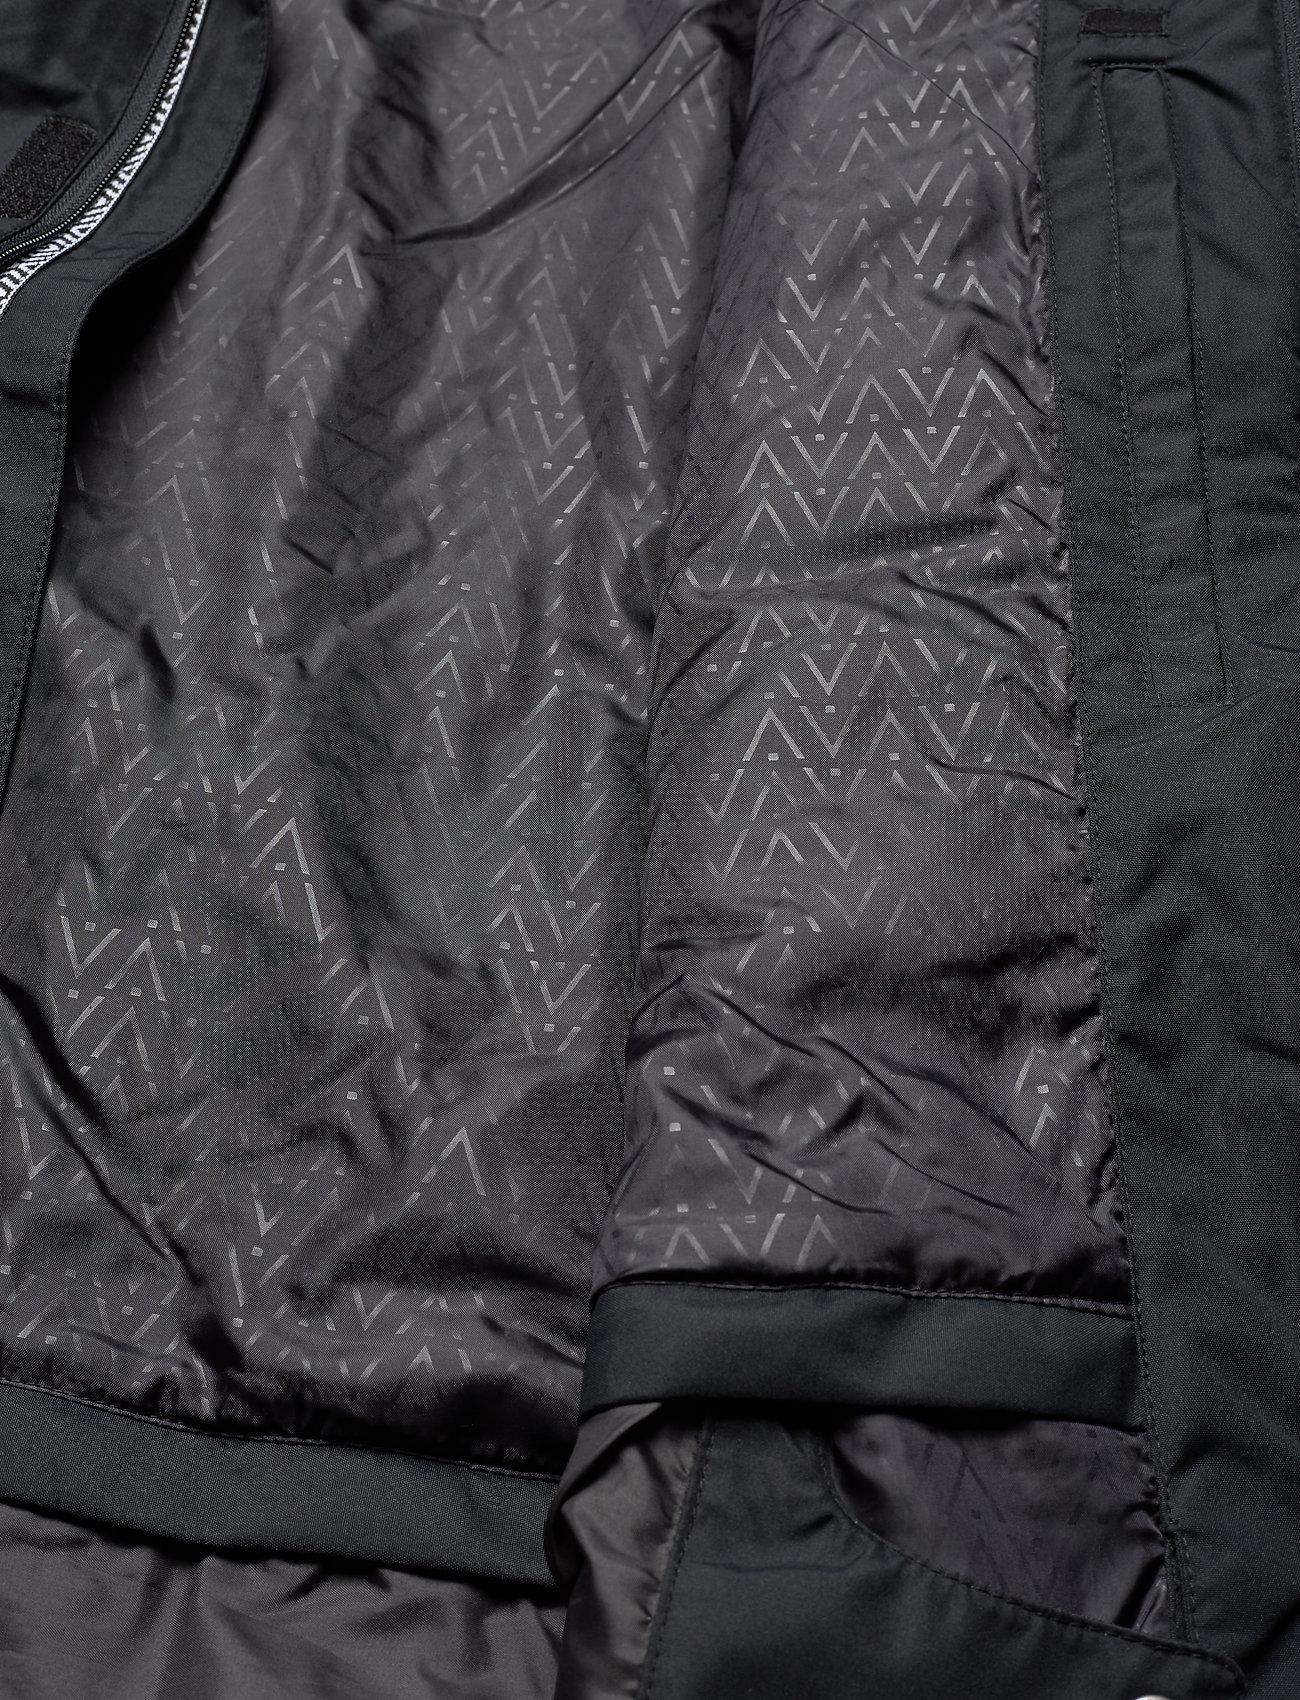 WearColour ACE Jacket - Jakker og frakker BLACK - Menn Klær